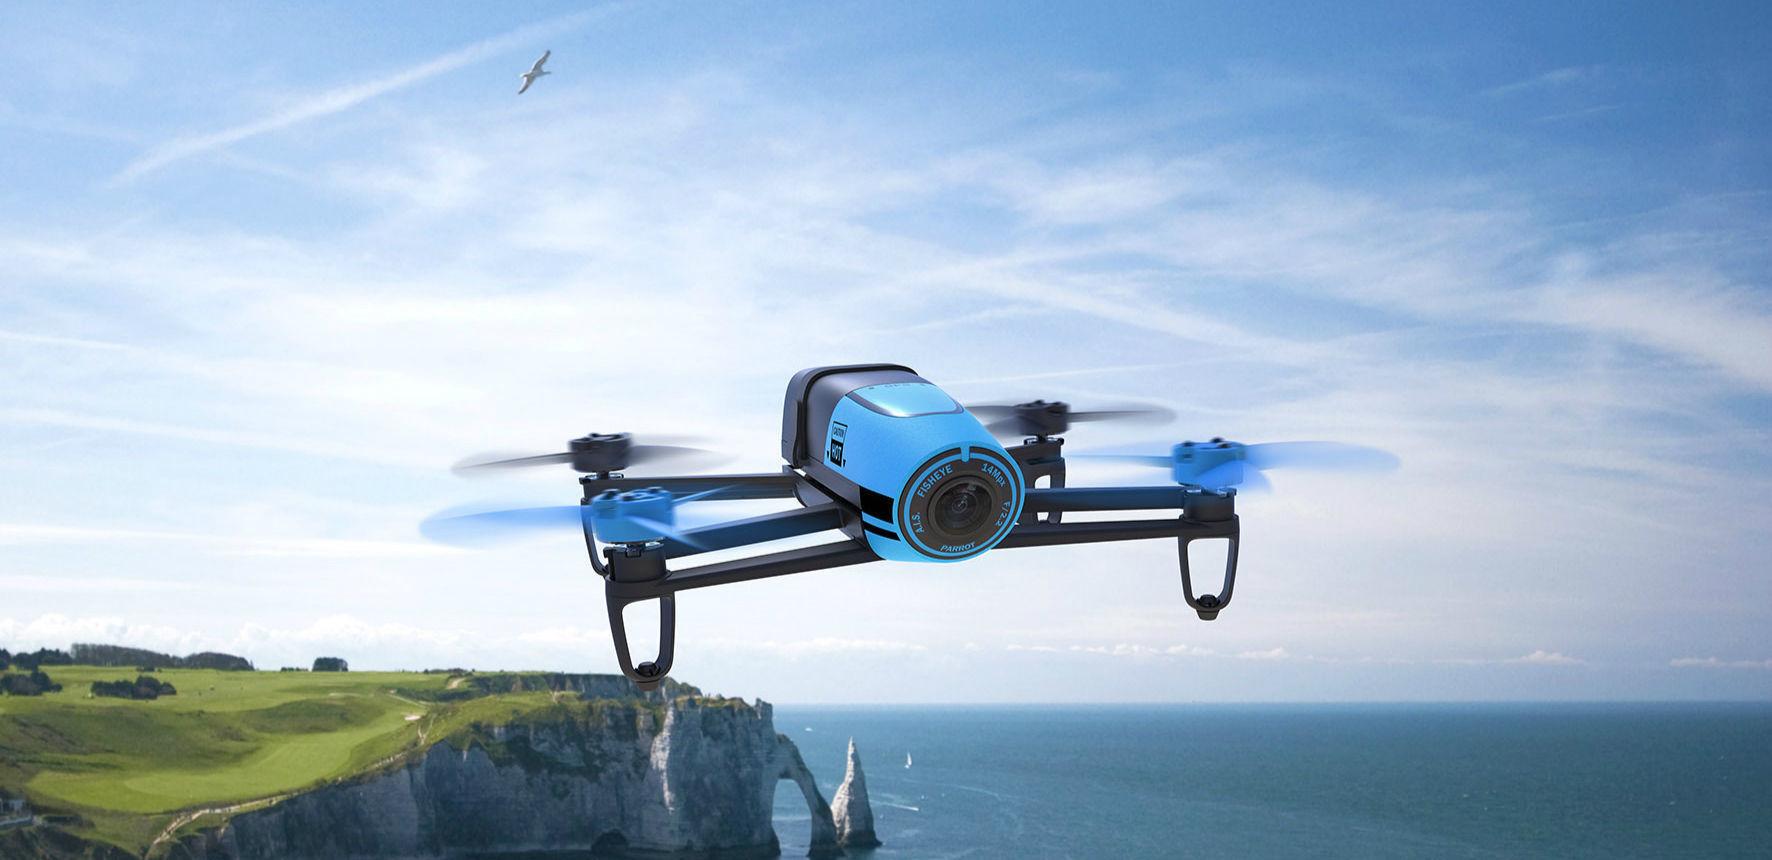 这家「不务正业」的法国公司,可能做出了最有趣的无人机